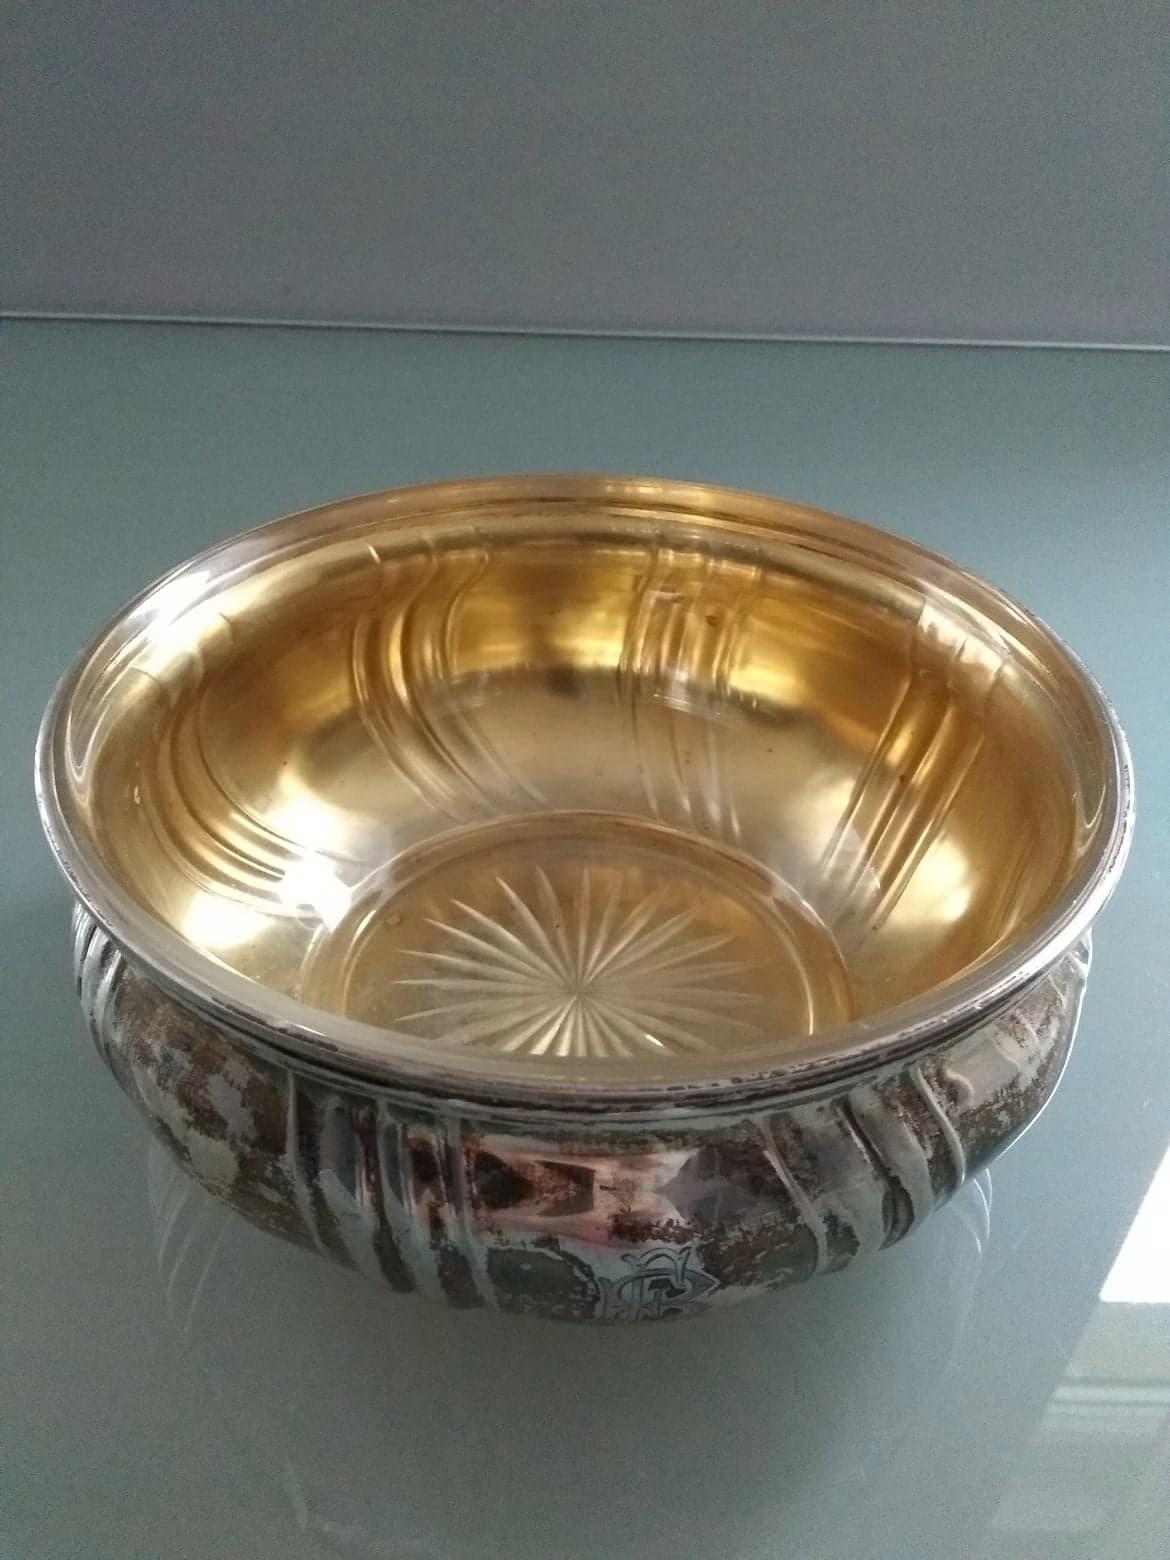 Srebrna owocarka z oryginalnym wkładem szklanym